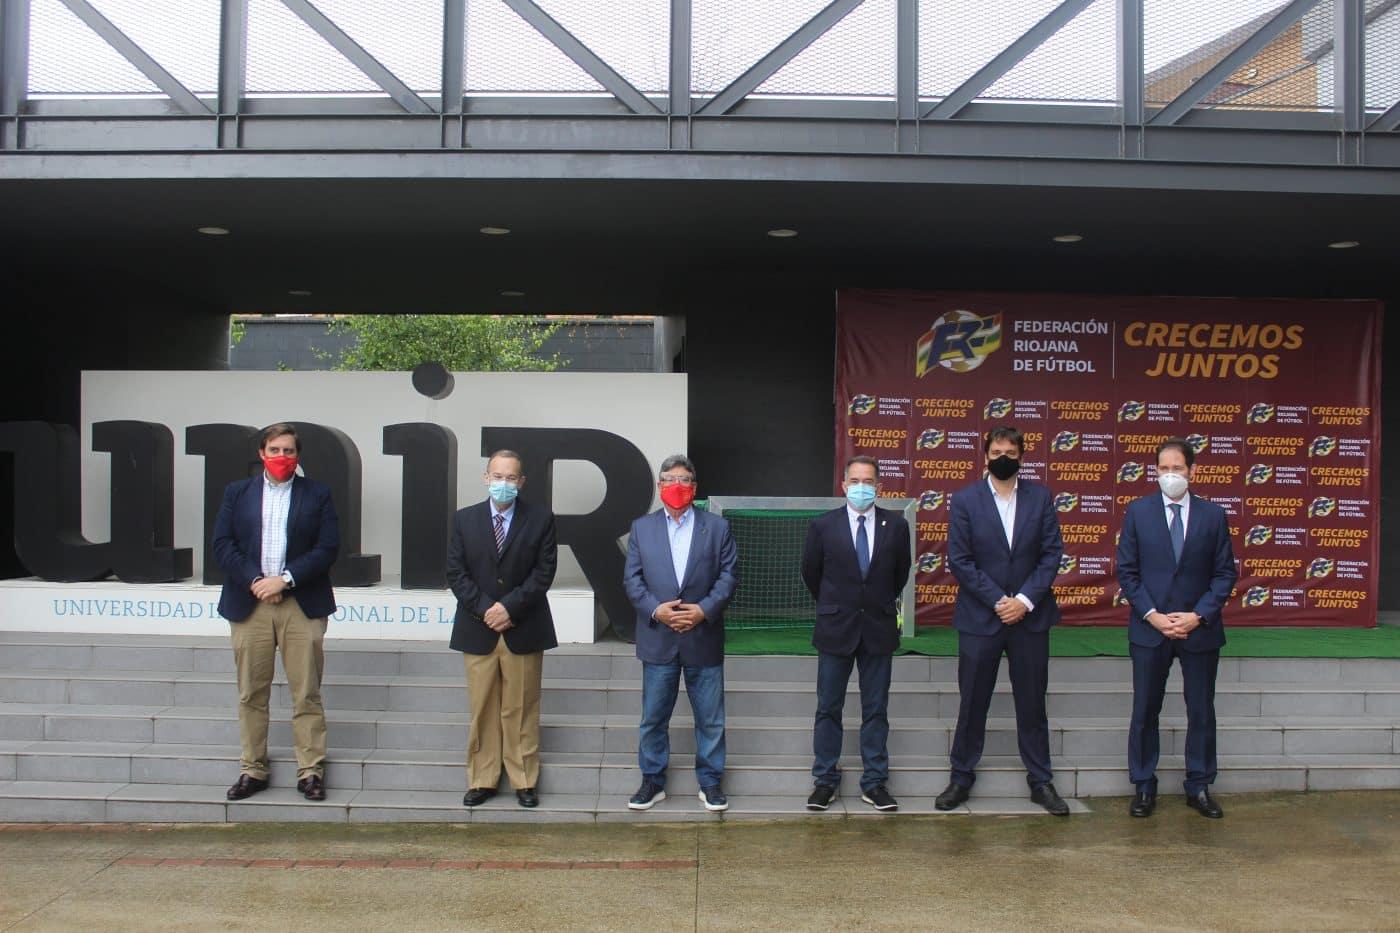 La Federación Riojana de Fútbol presenta su hoja de ruta para el futuro 1